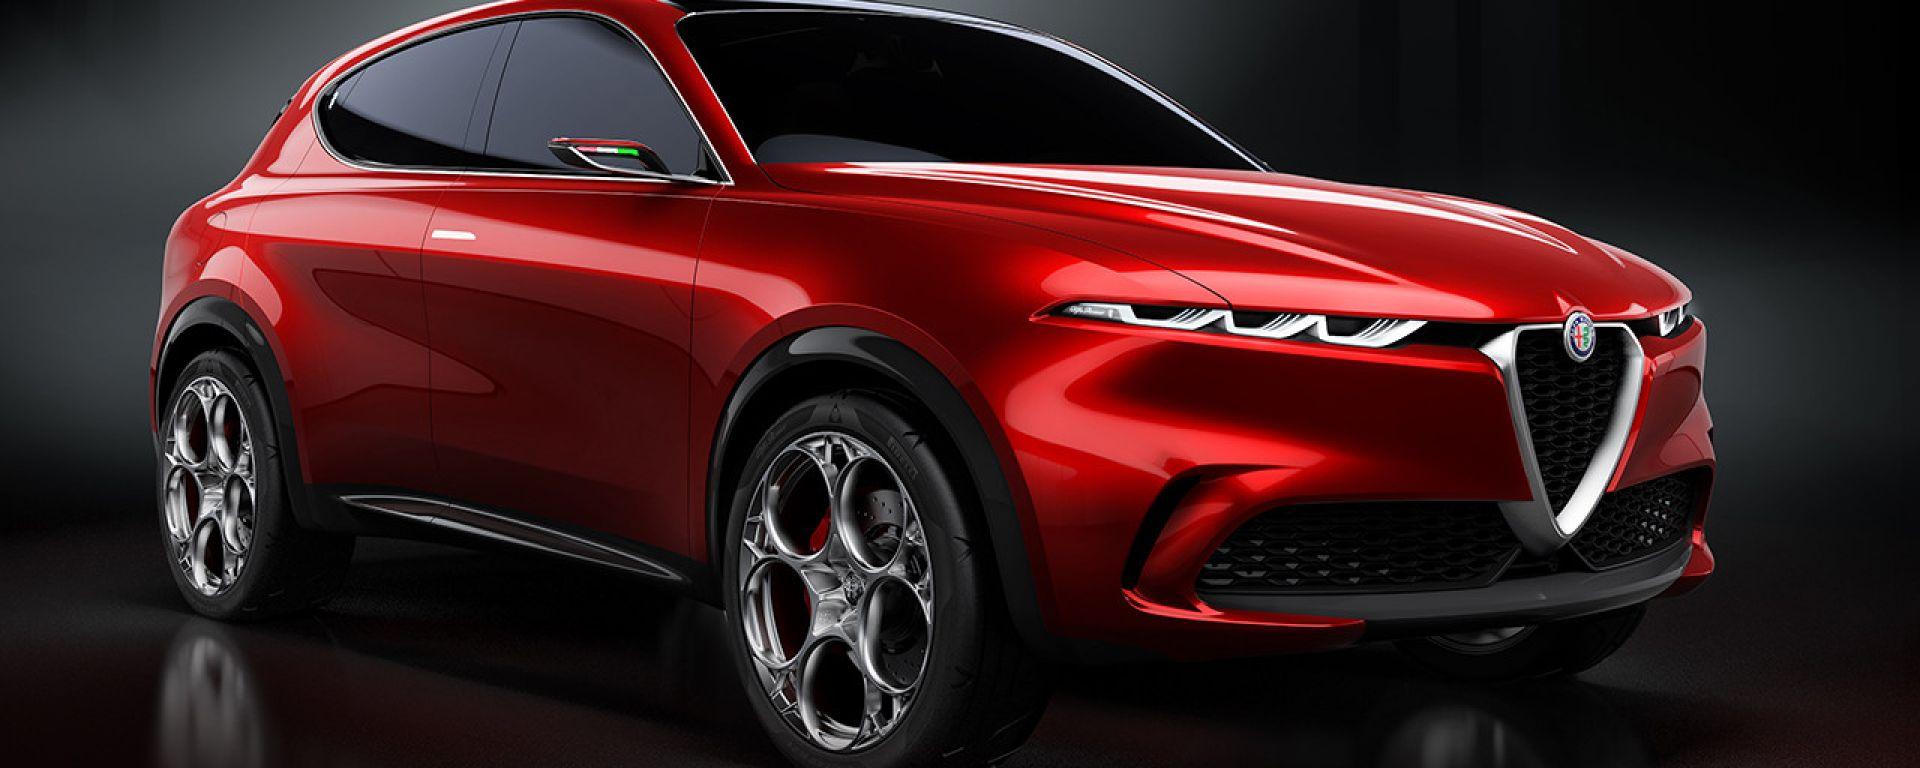 Alfa Romeo Tonale, in anteprima al Salone del Mobile 2019